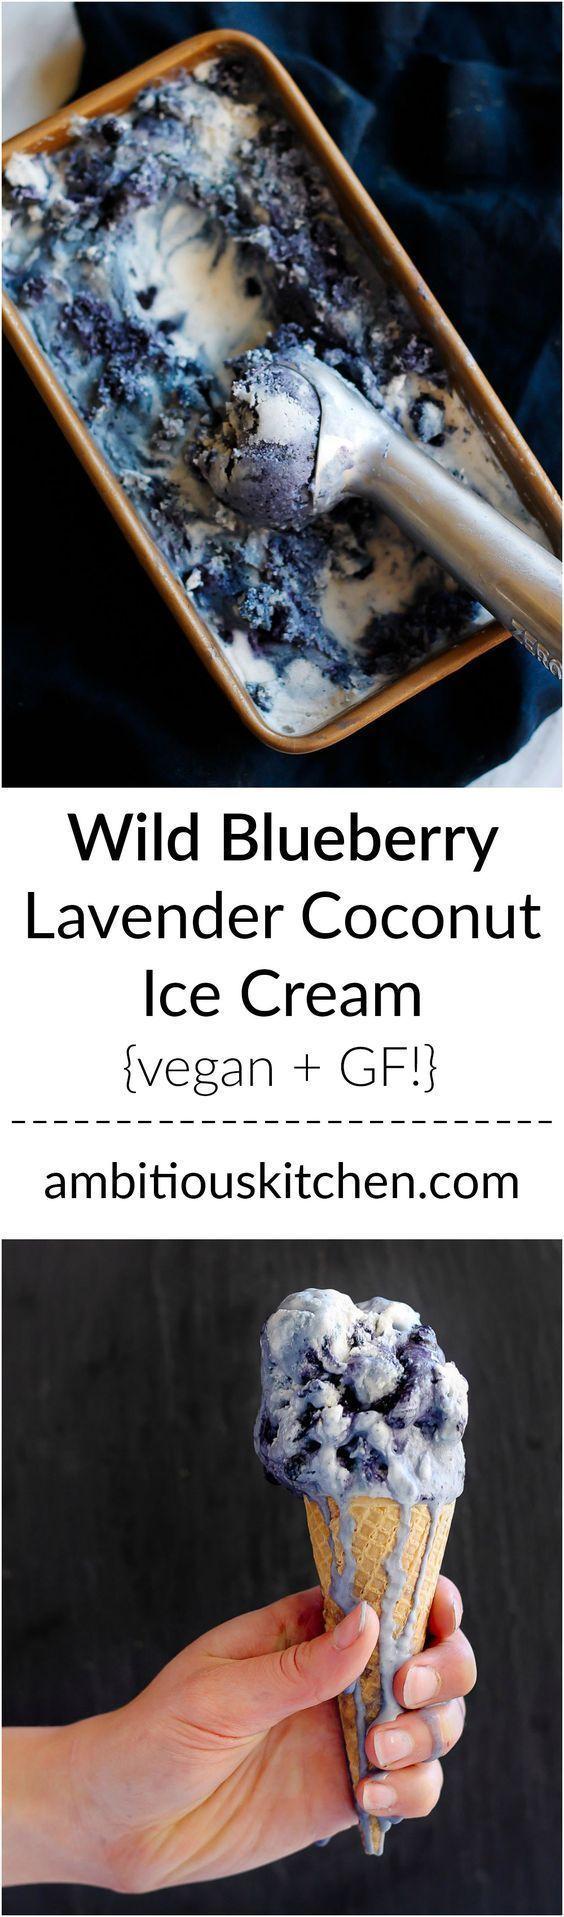 Photo of Wild Blueberry Lavender Coconut Ice Cream